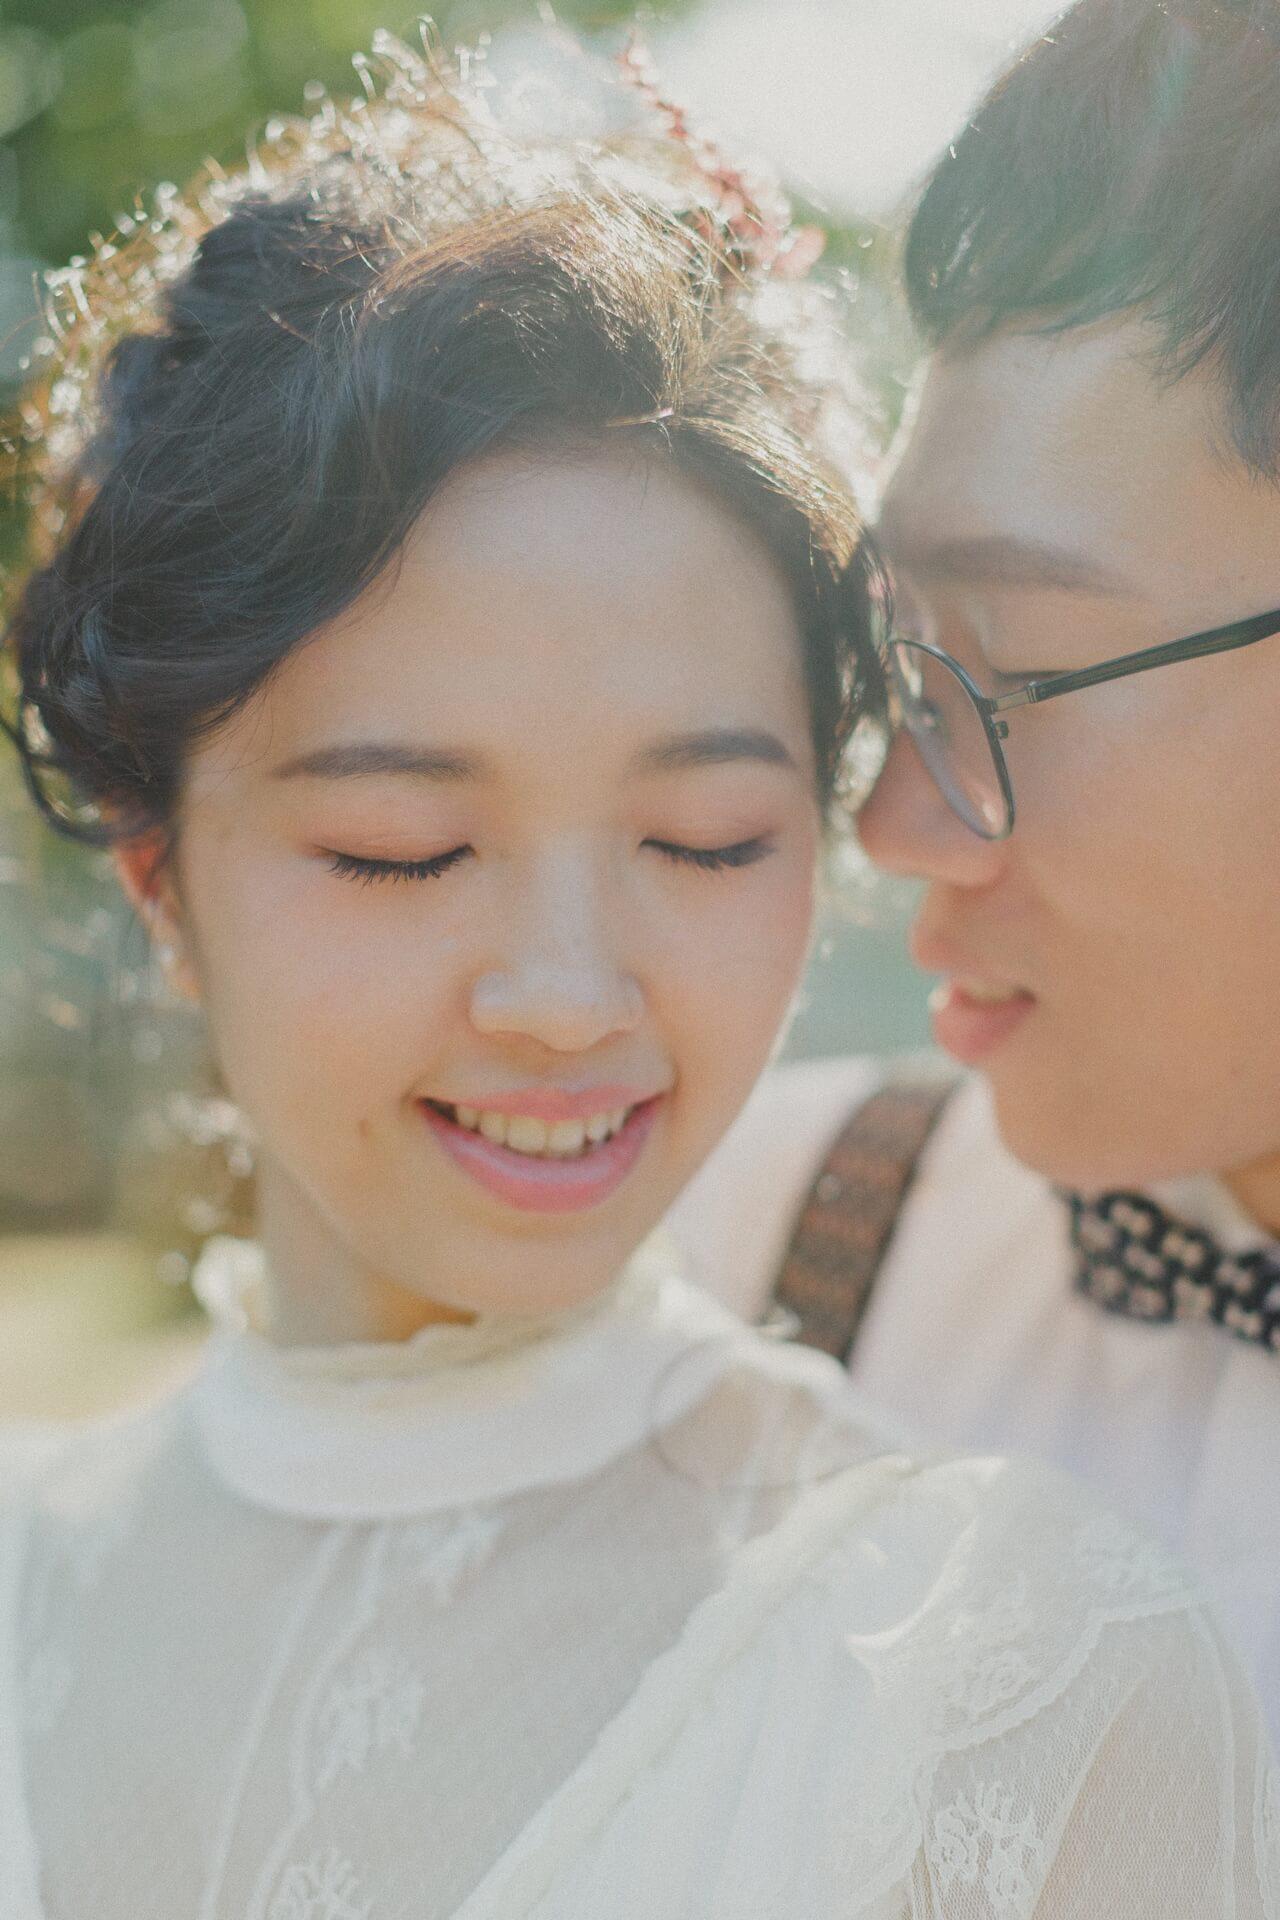 max fine art  攝影工作室 最佳婚禮紀錄推薦 海外婚禮推薦 底片風格 戶外婚禮推薦 台北婚攝 婚攝推薦 推薦婚攝 - 0013 (複製).jpg